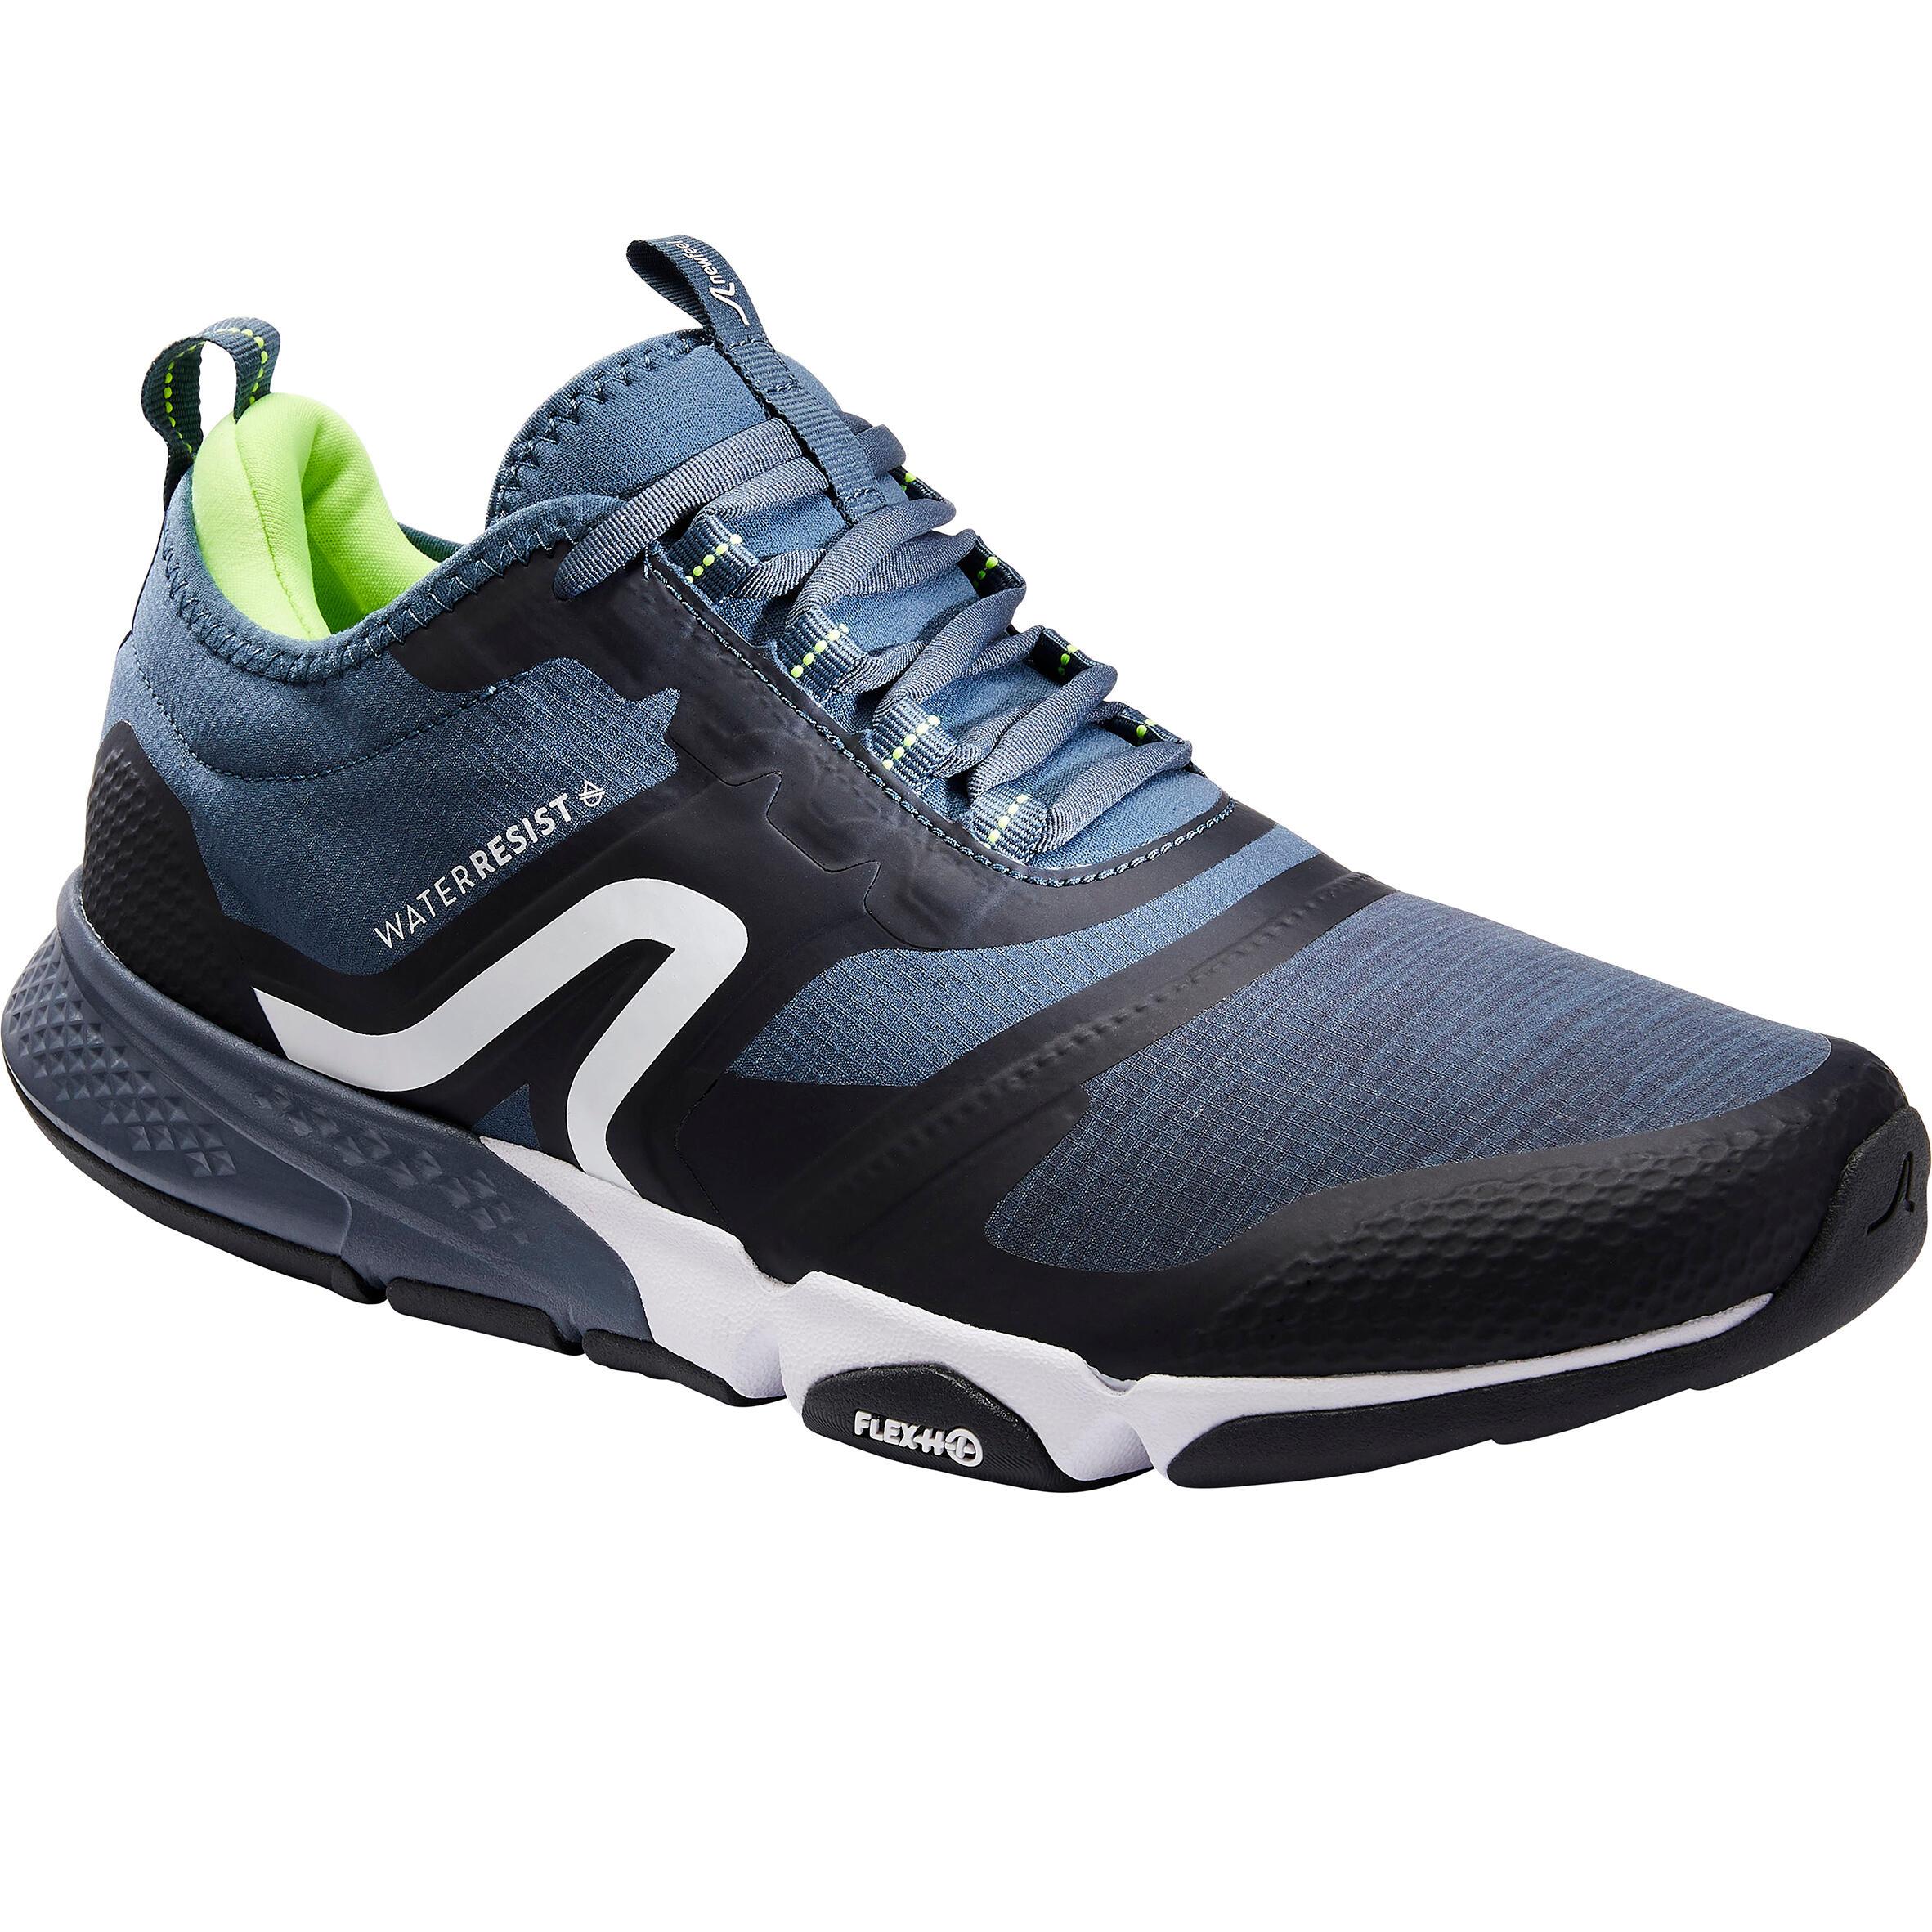 Lavar ventanas Desacuerdo pasado  zapatillas deportivas hombre decathlon baratas online